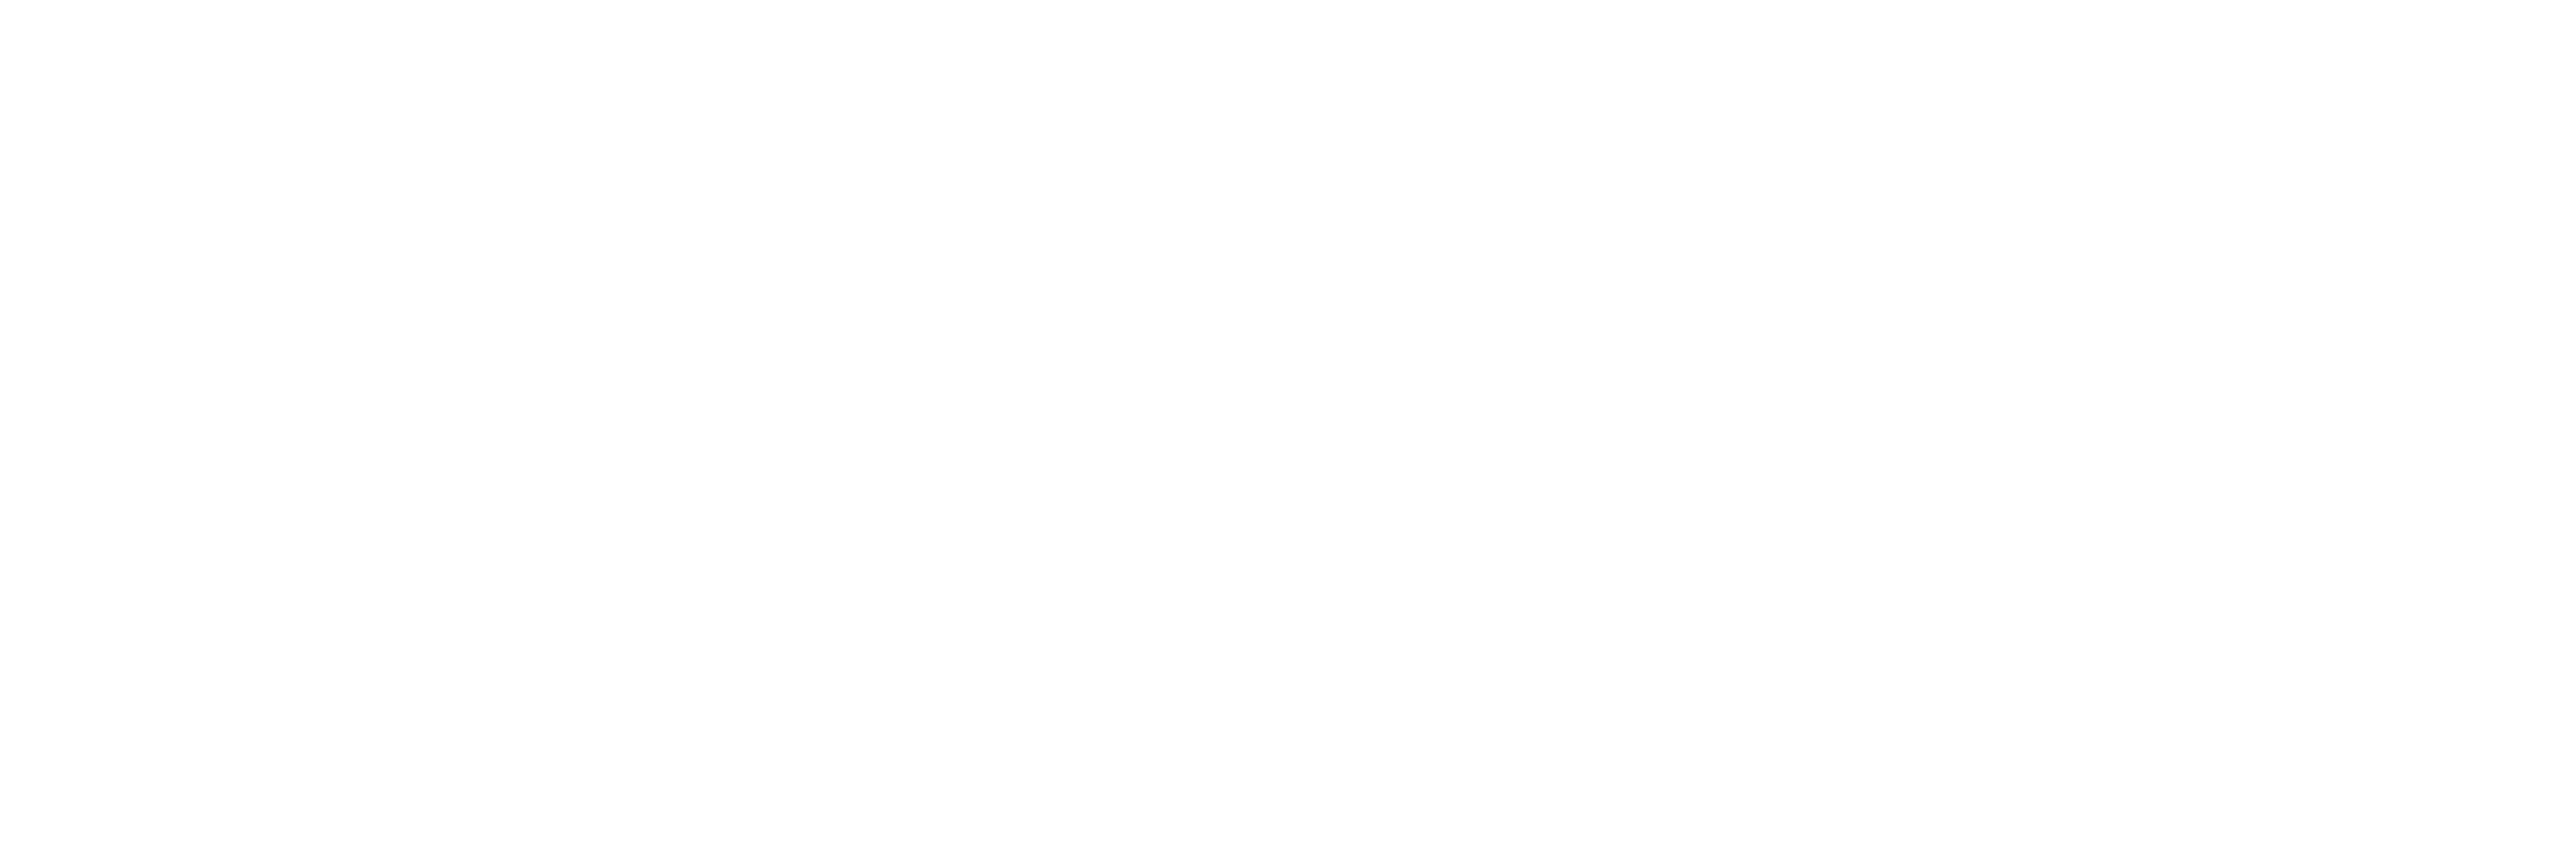 WebFPGA